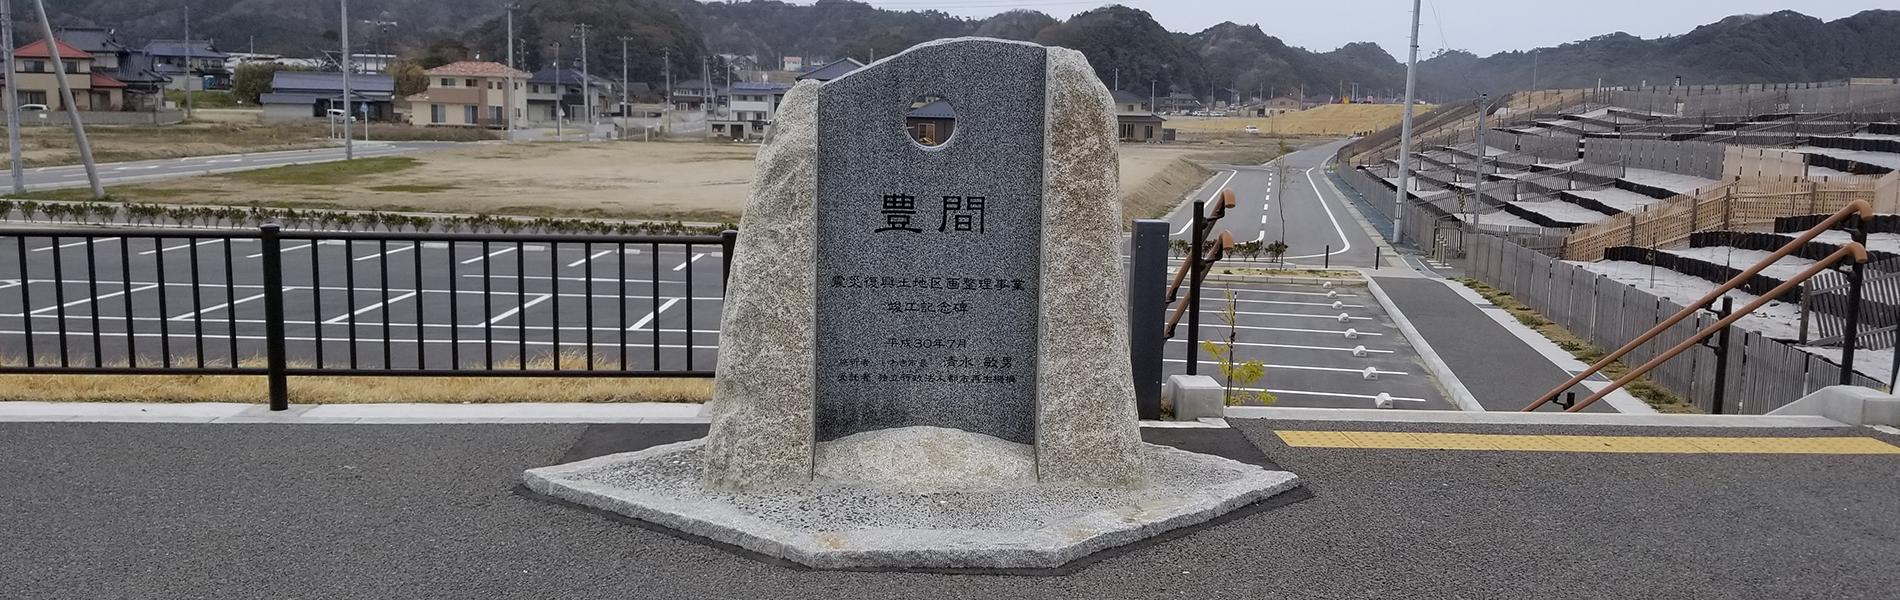 震災復興土地区画整理事業竣工記念碑設置 豊間地区